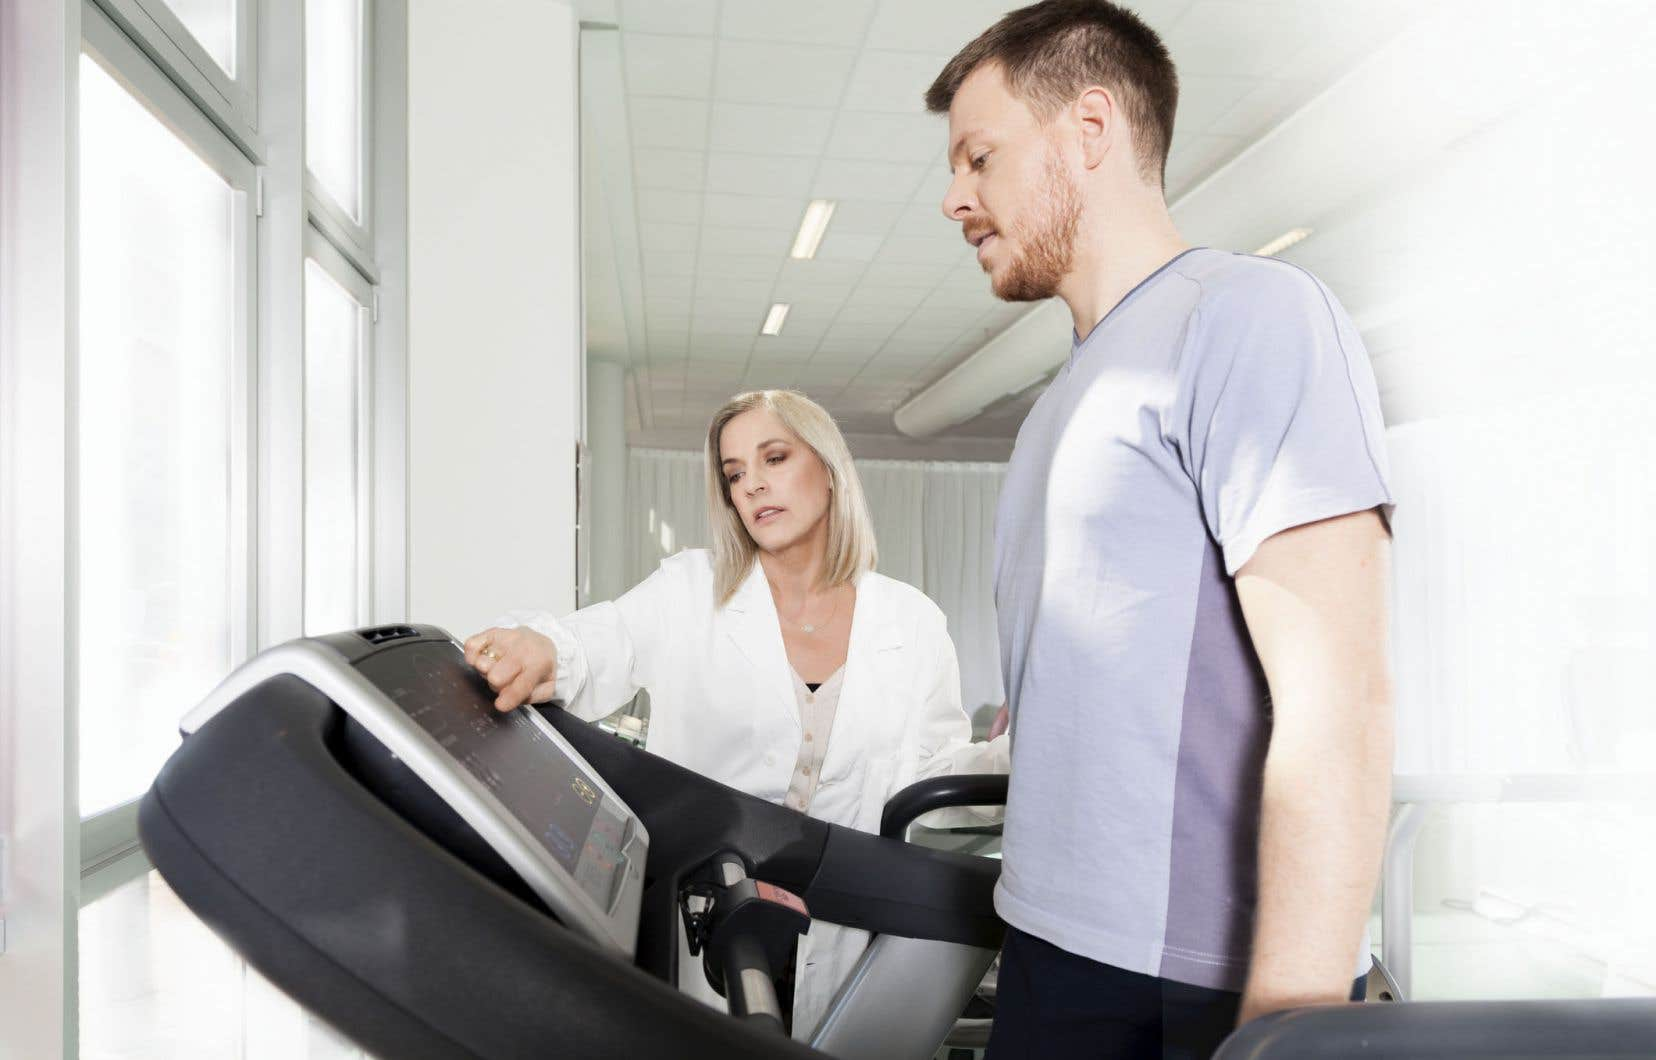 L'utilité de l'exercice physique dans le traitement des maladies pulmonaires obstructives chroniques (MPOC) fait consensus dans la communauté scientifique.